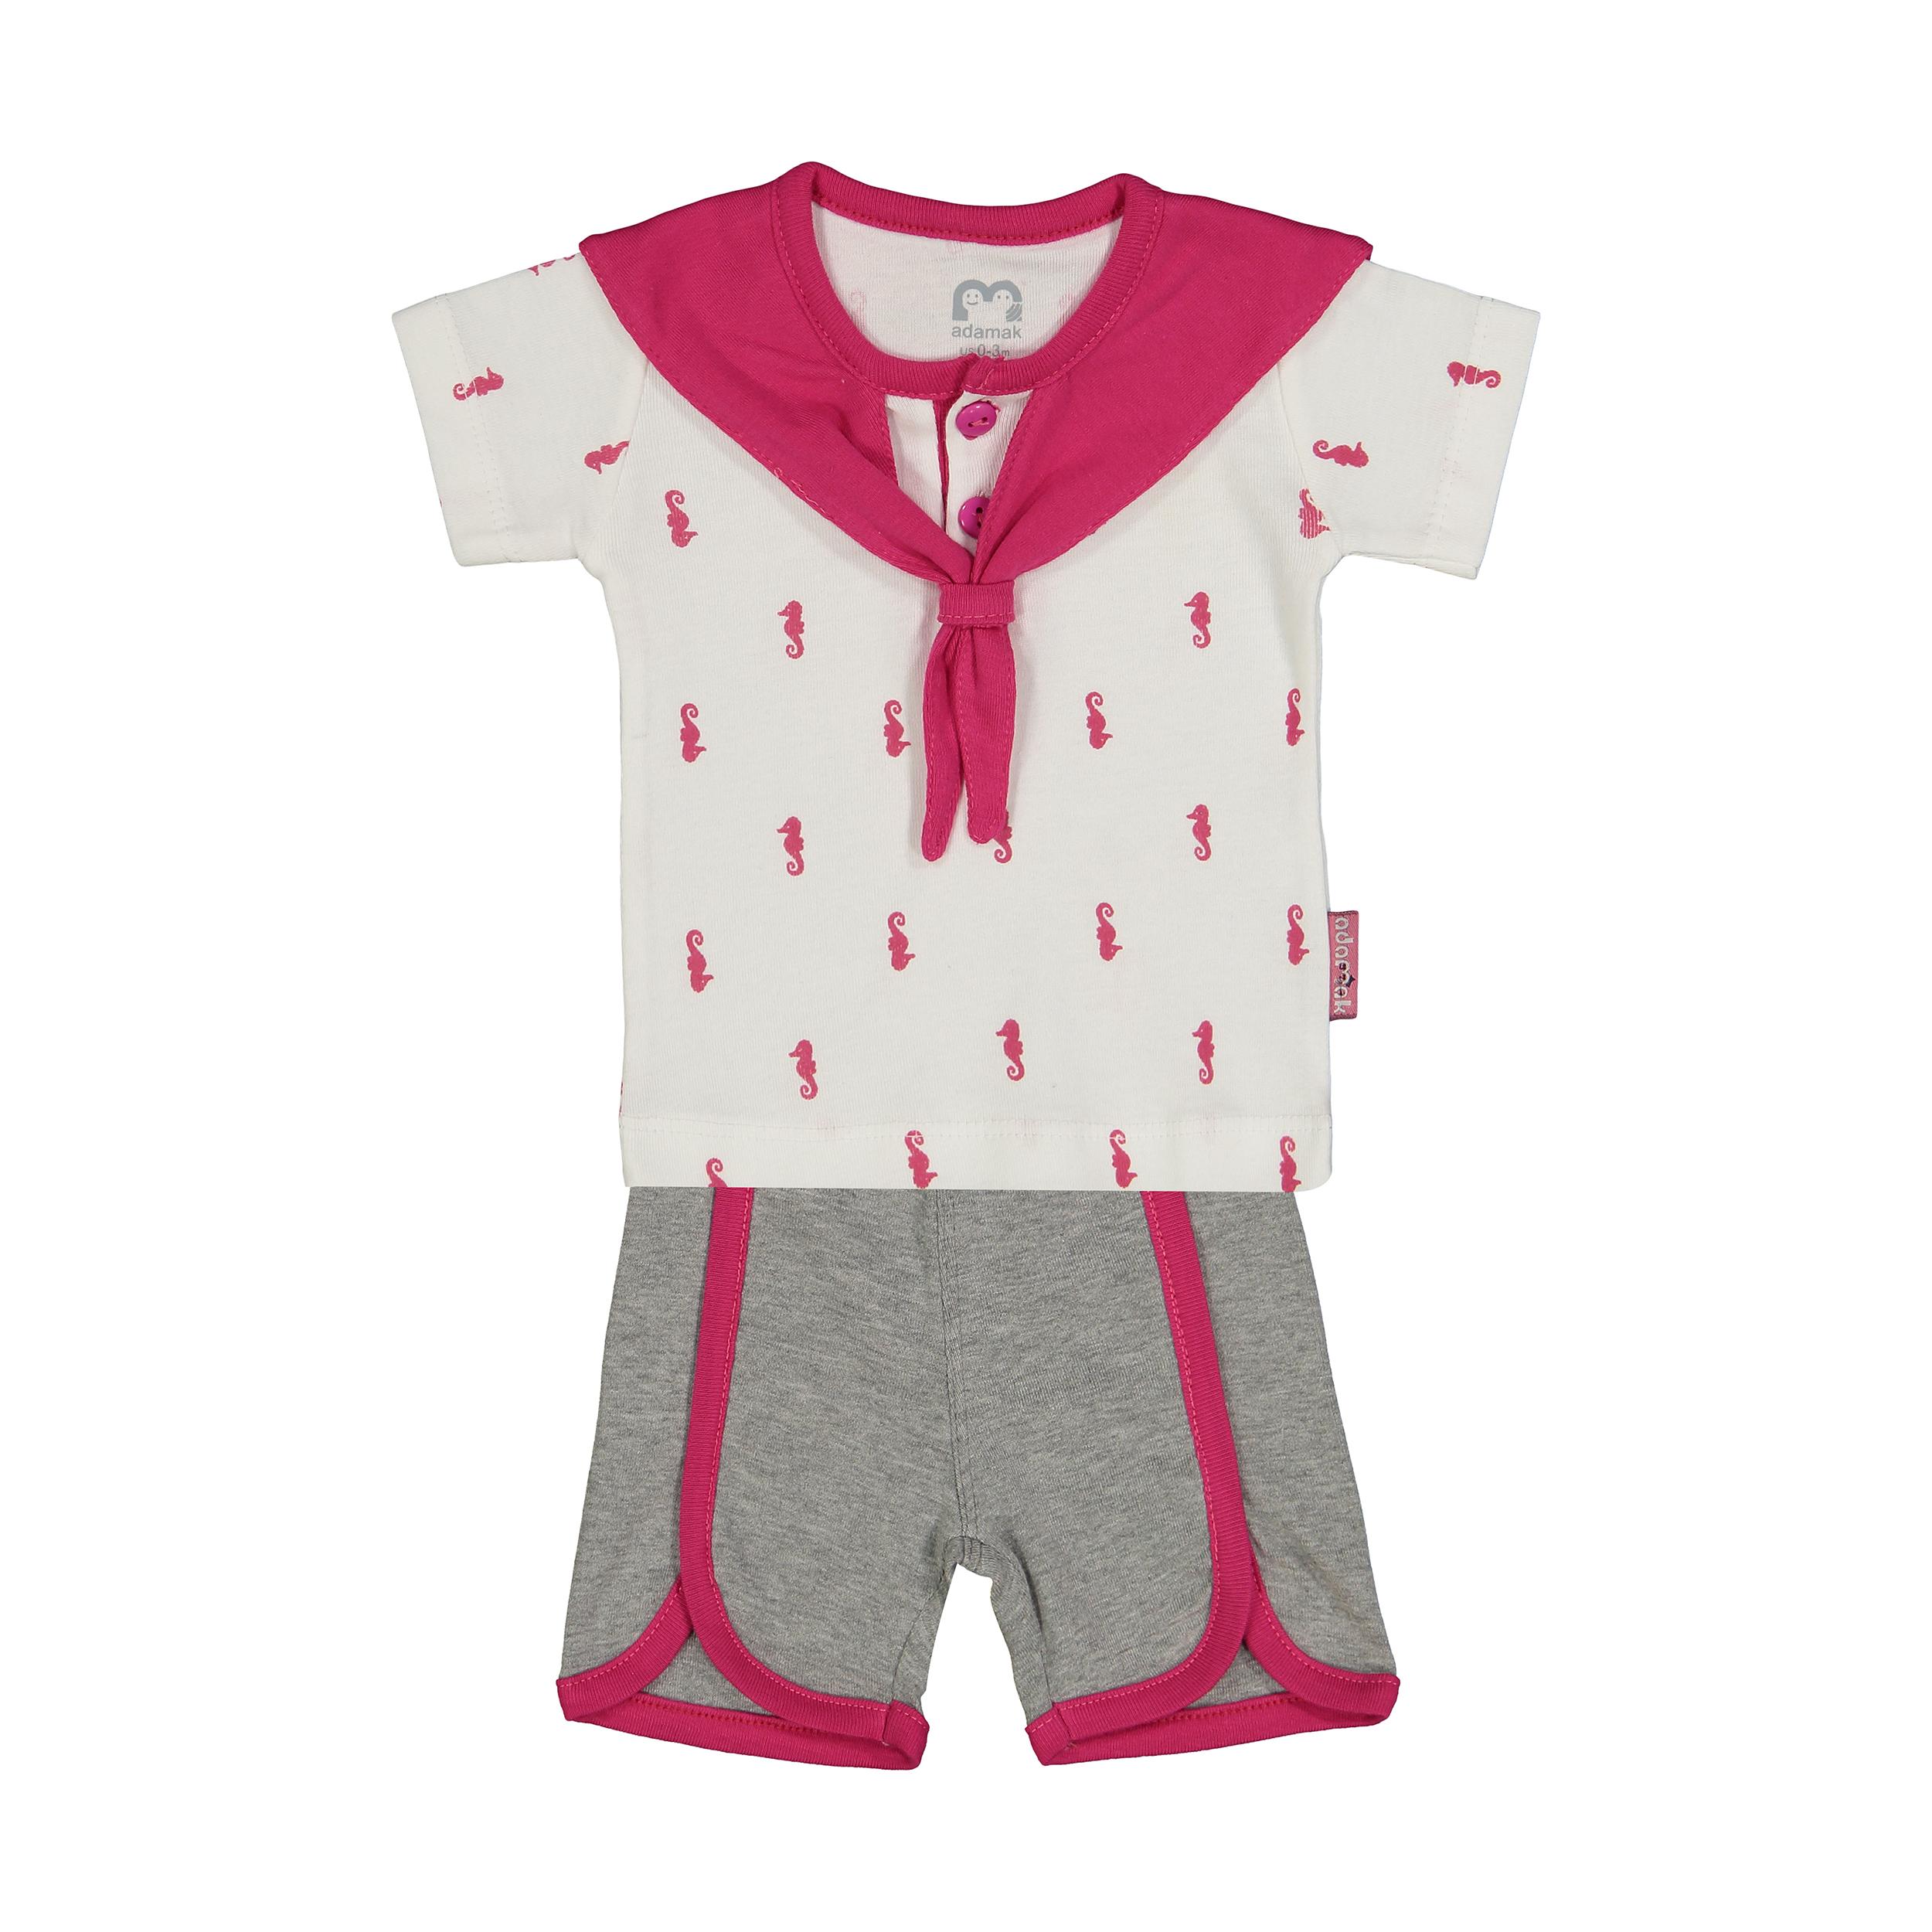 ست تی شرت و شورت نوزادی دخترانه آدمک مدل 2171112-88 -  - 2